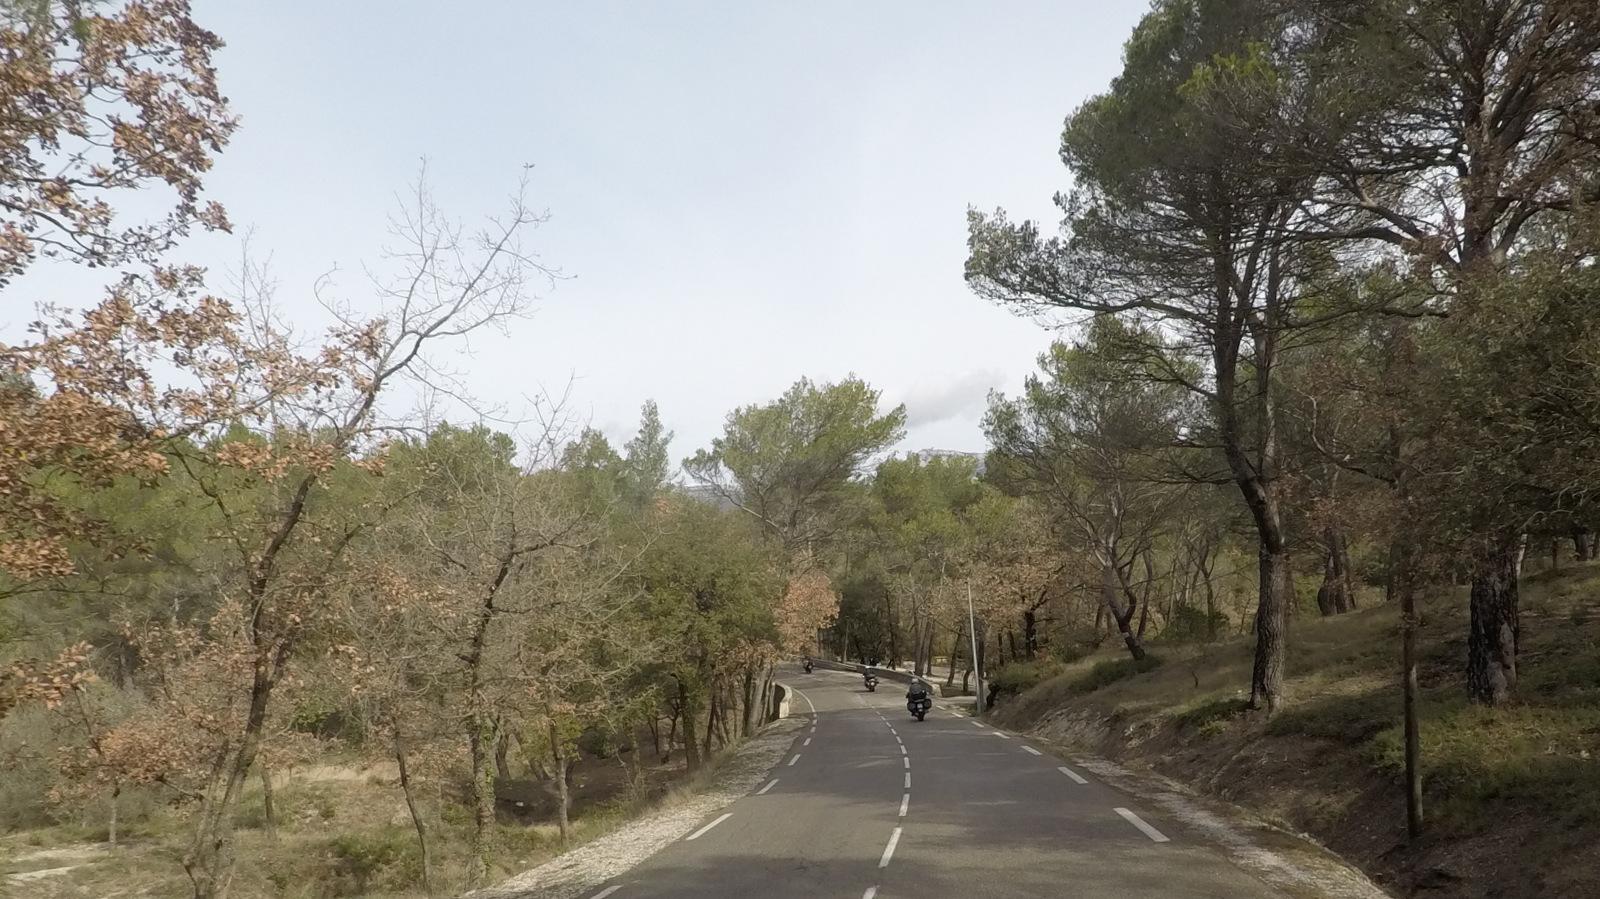 belle forêt de pins et de chênes